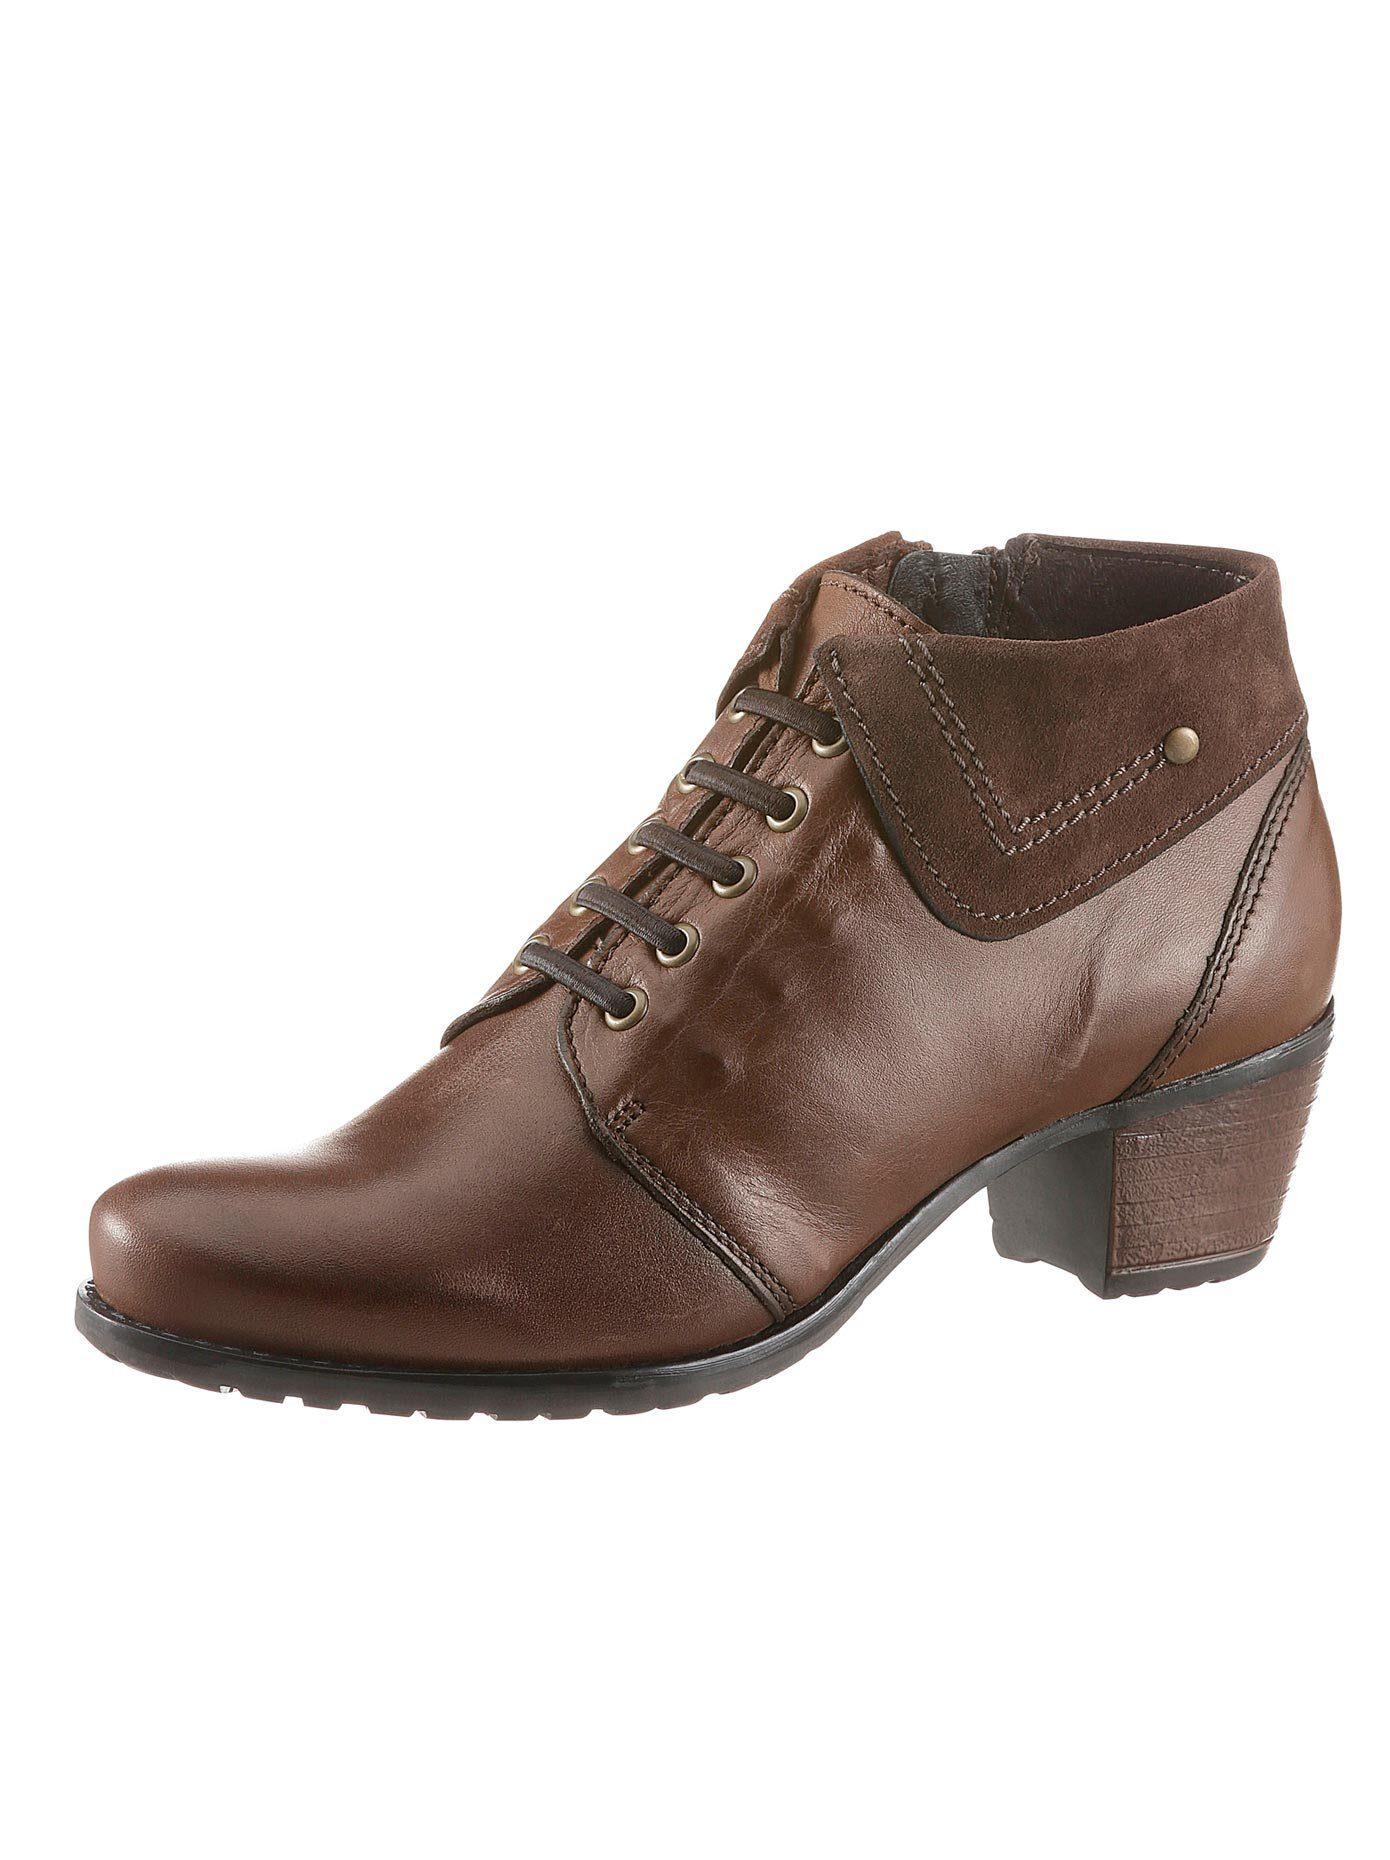 Corkies Stiefel aus Veloursleder